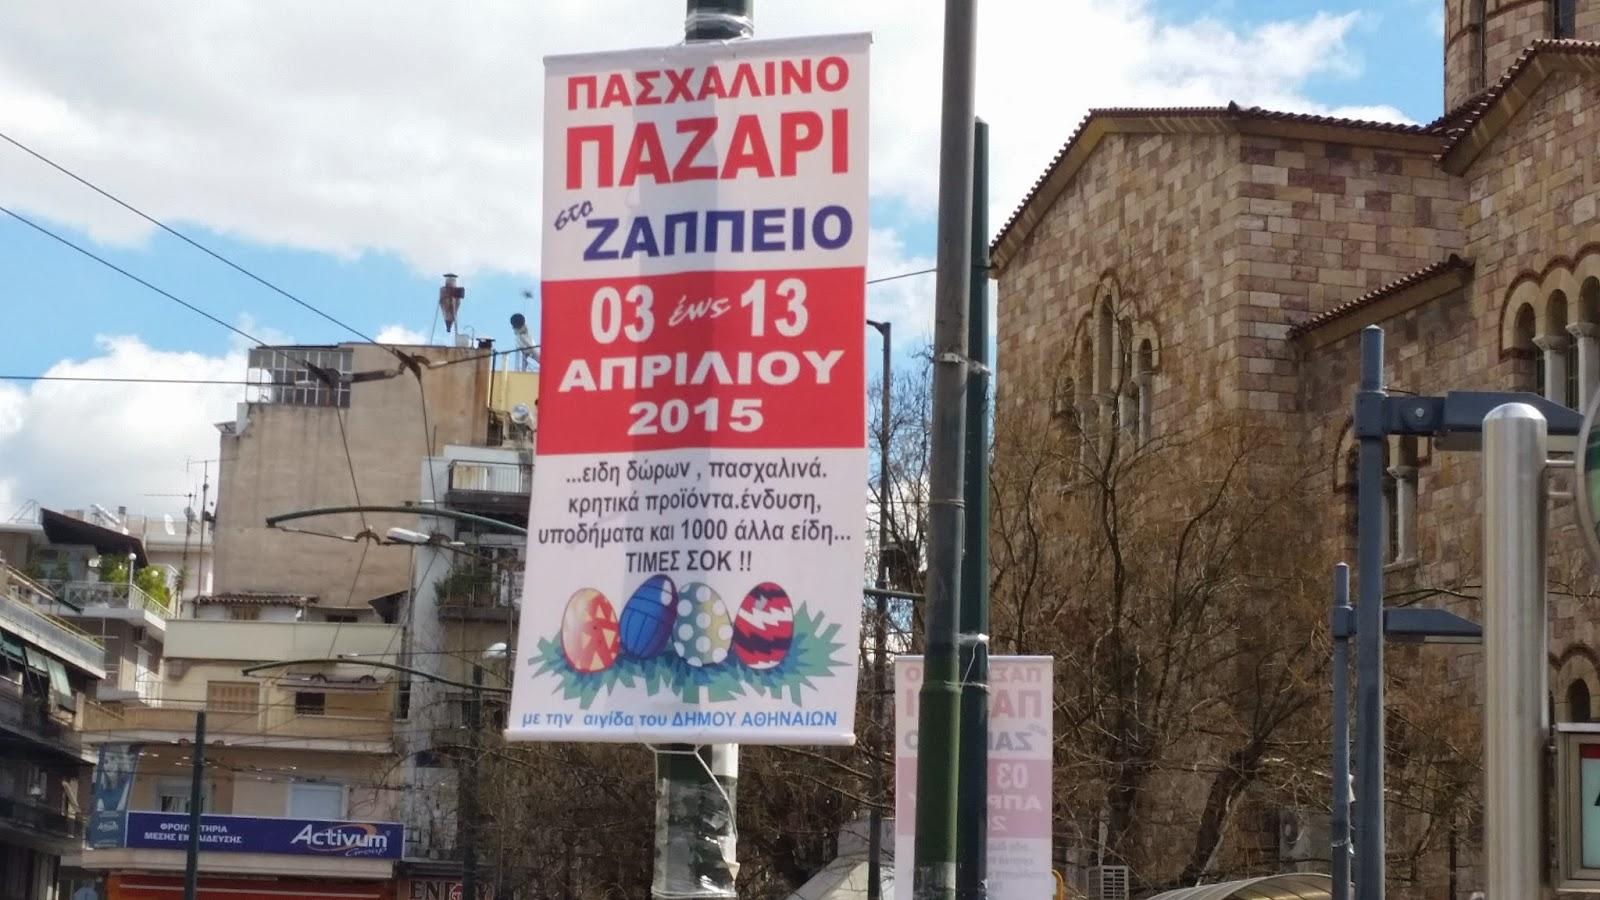 Σημαιοστολισμός στην Αθήνα.  Ολοι οι δρόμοι οδηγούν στο Ζάππειο. 83c21b7c61c